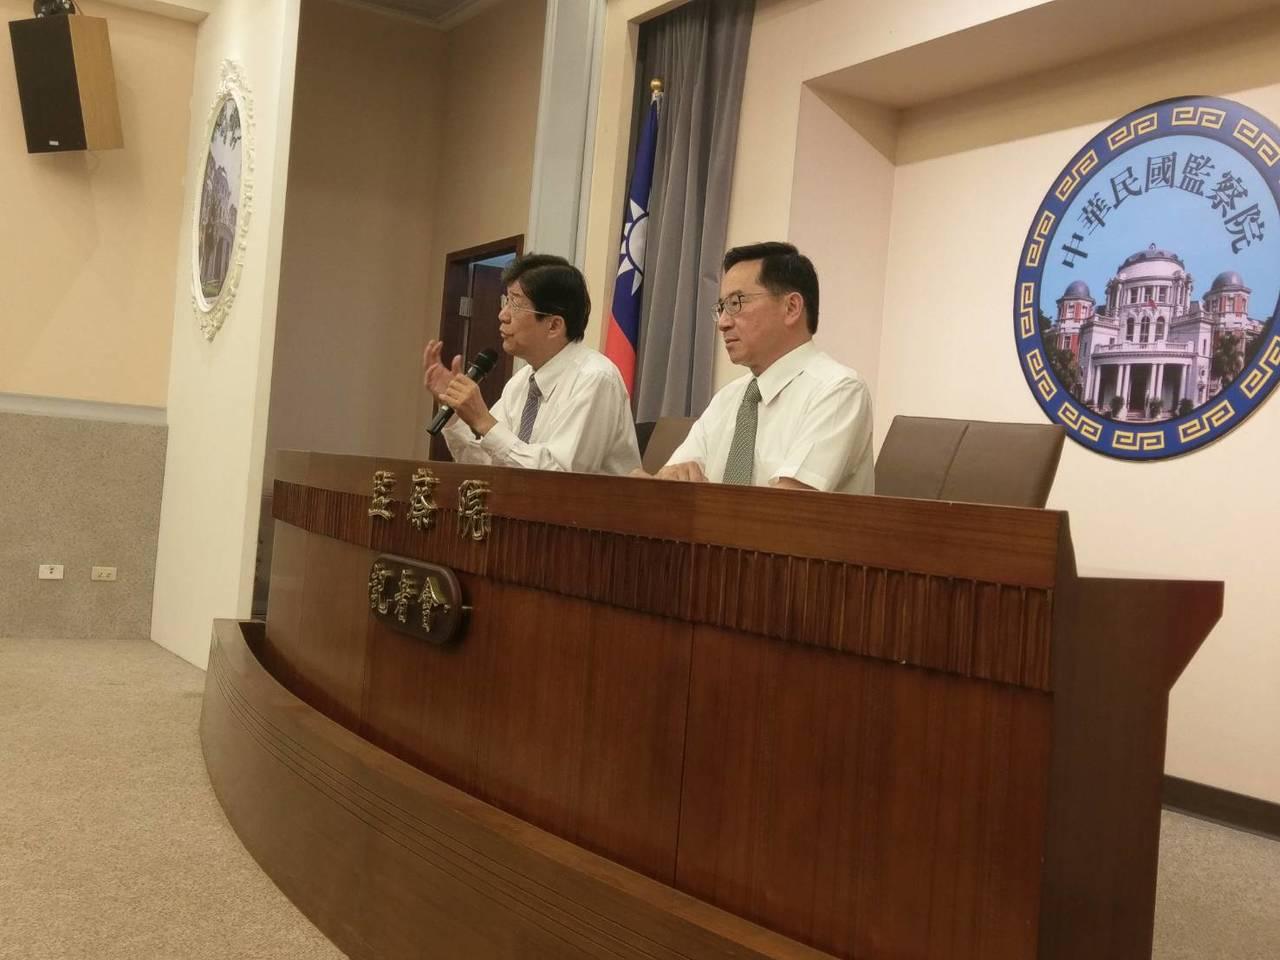 監察委員蔡崇義(左)、張武修(右)。記者徐偉真/攝影